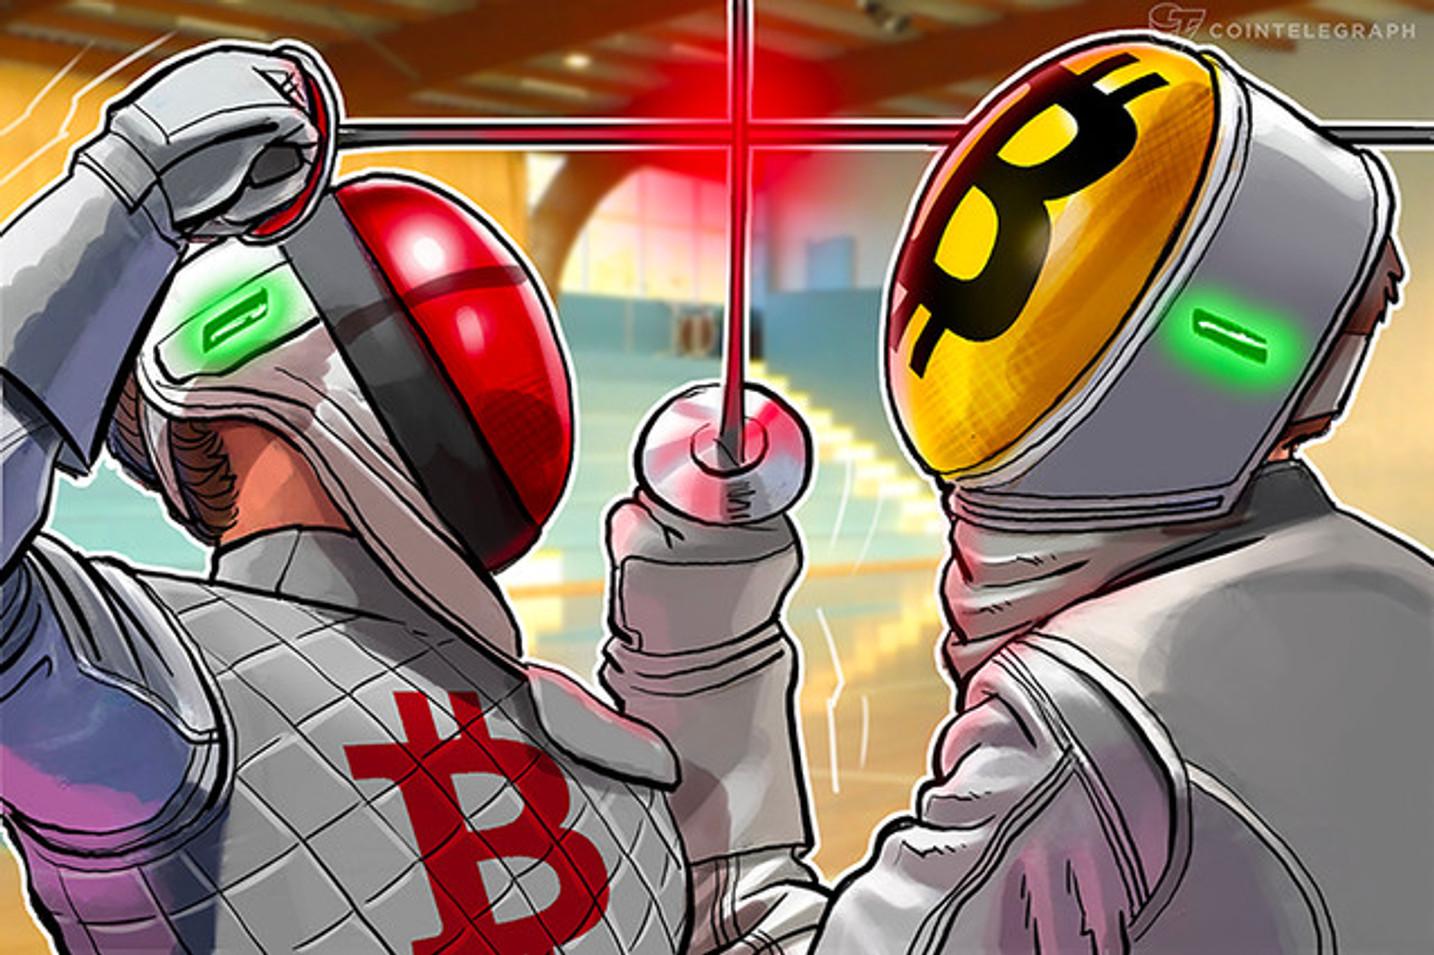 Perché Bitcoin Cash non è un Bitcoin migliore - Opinione